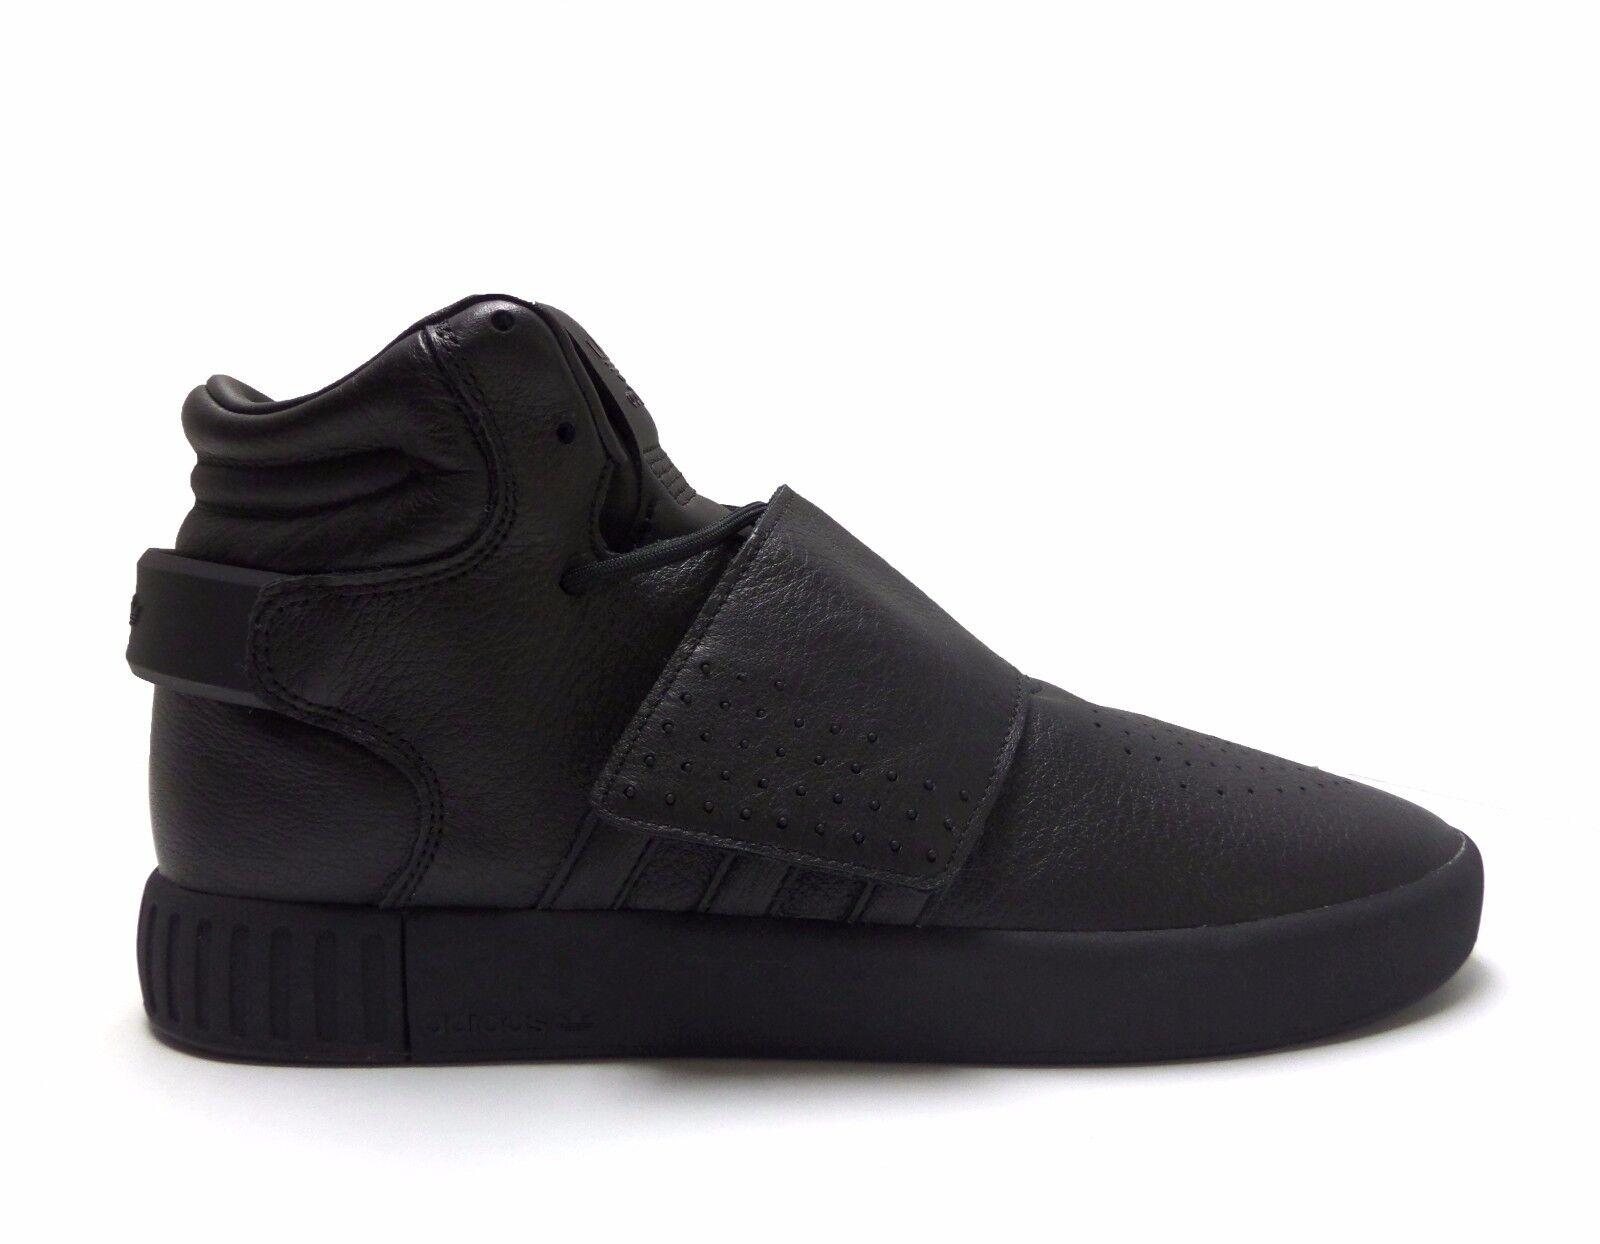 85af9886fe7e Adidas Originals Men s TUBULAR INVADER STRAP Shoes Black BW0871 a hot sale